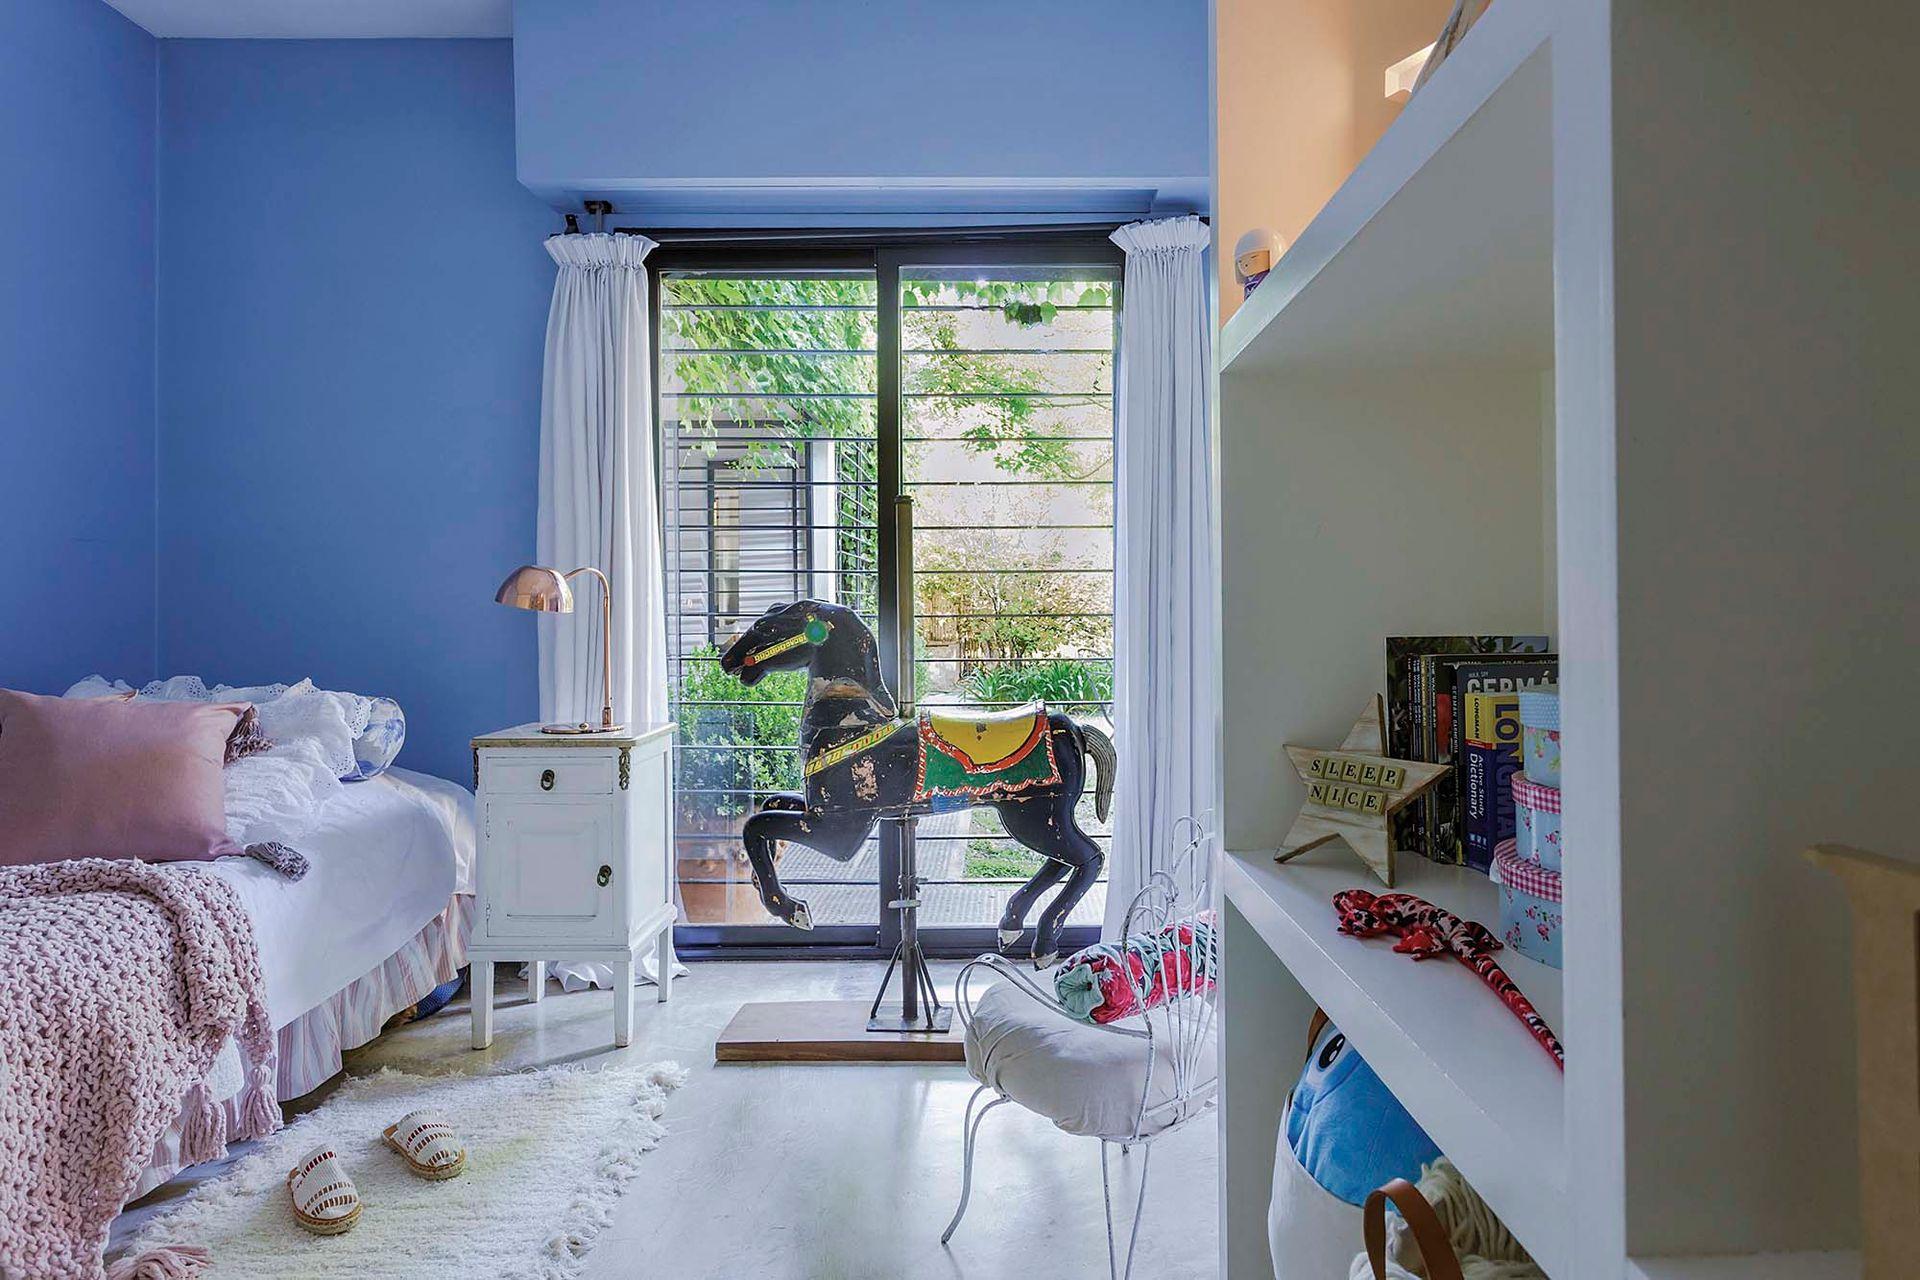 En el cuarto de las chicas, alfombras en color crudo (Punto Calma). Las mesas de noche heredadas pintadas de blanco y un caballo de calesita de más de 100 años (El Chañar) terminan de configurar una atmósfera de ensueño.